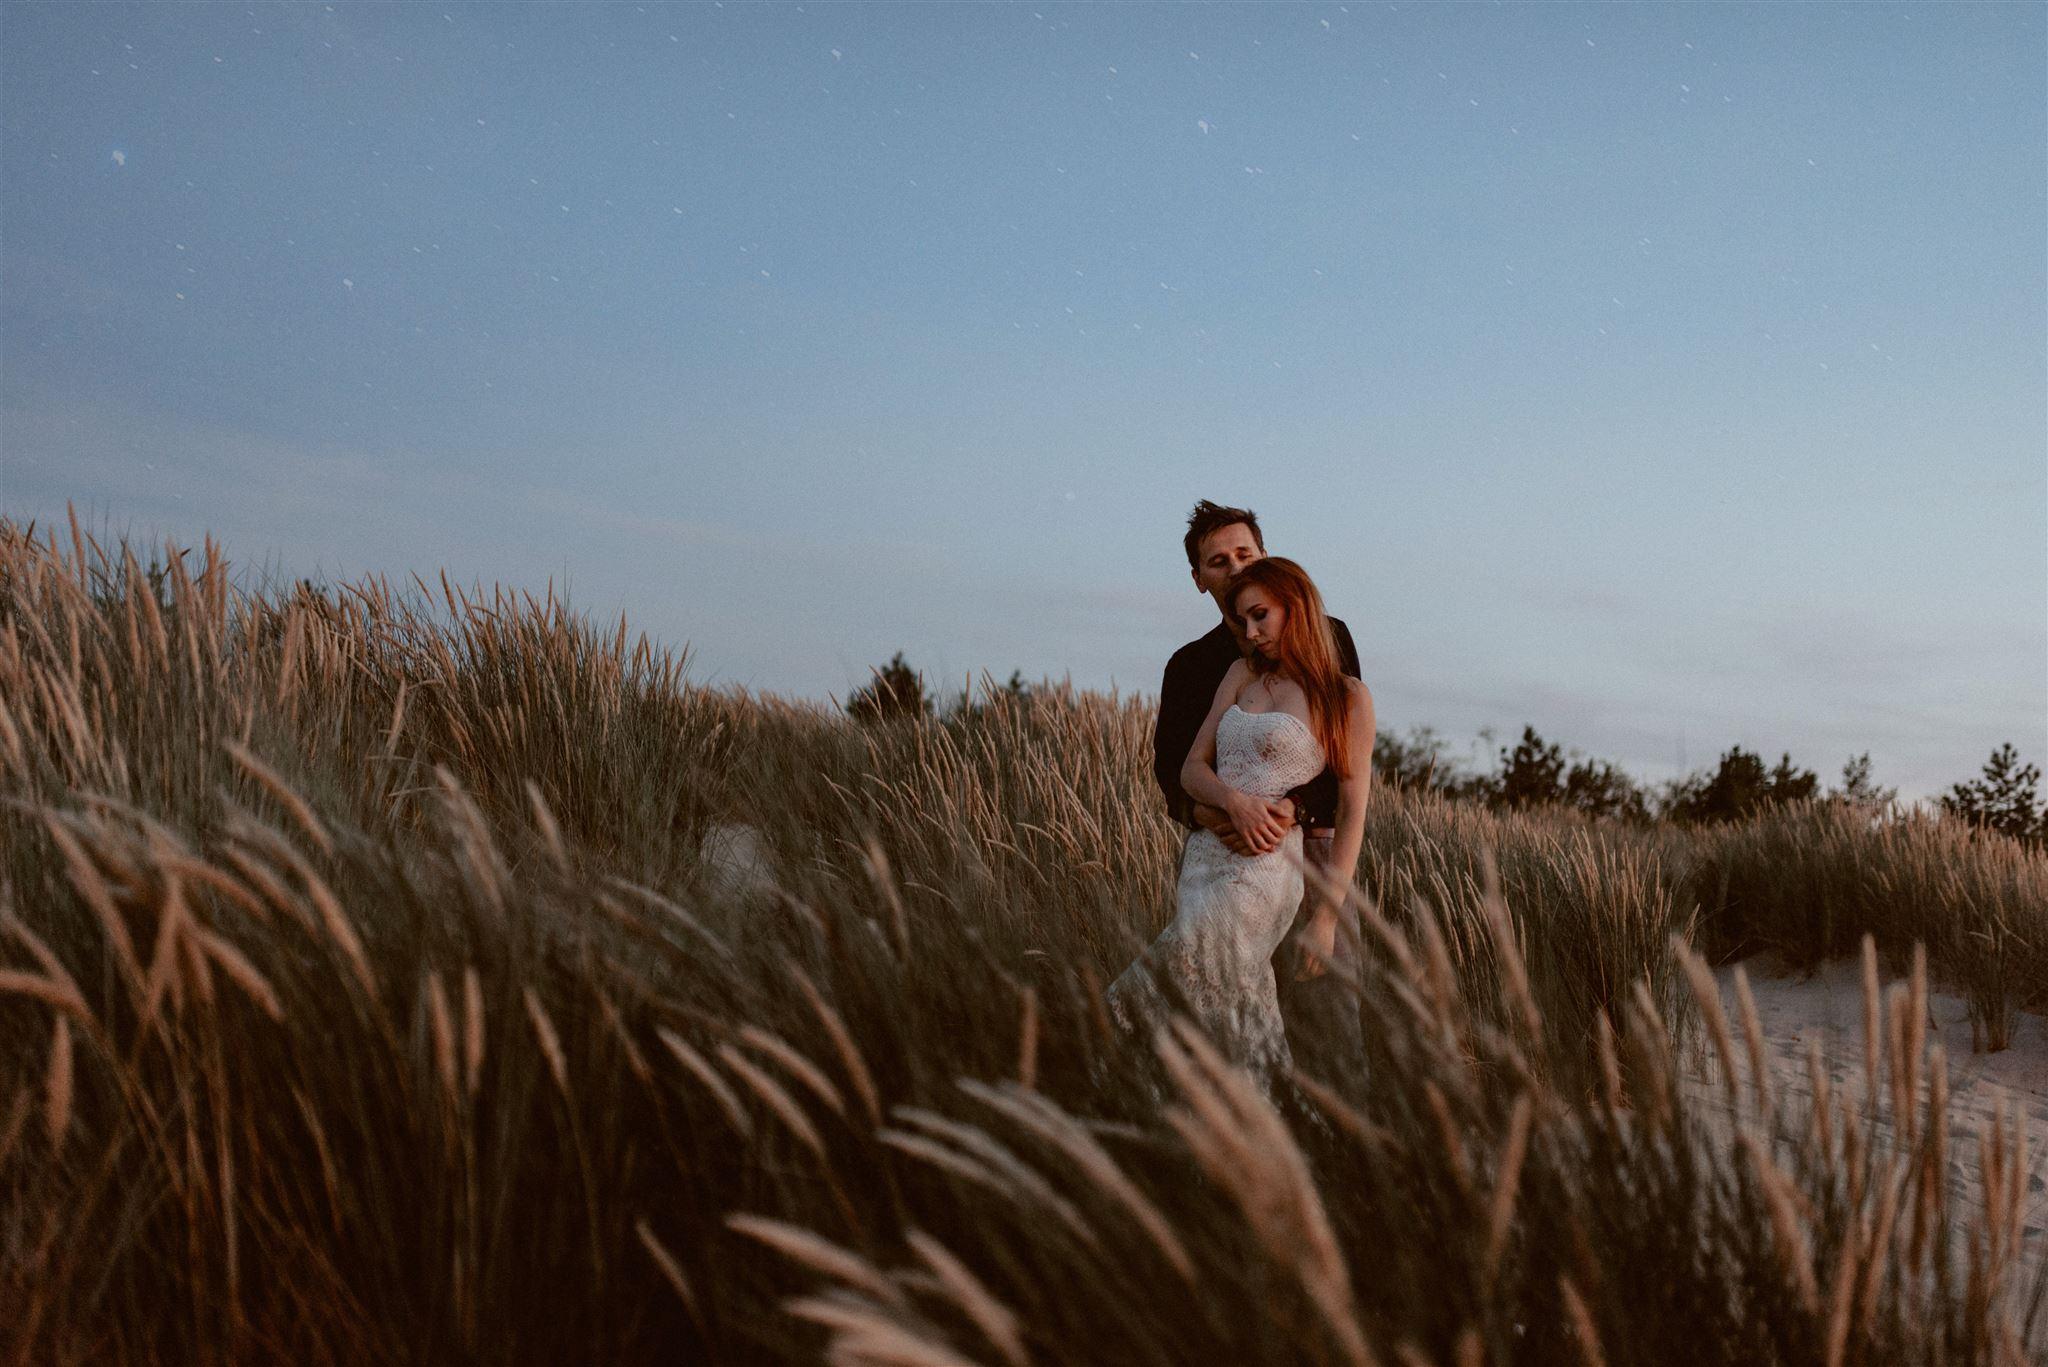 Nasza osobista sesja poślubna! 22 DSC 7446 websize